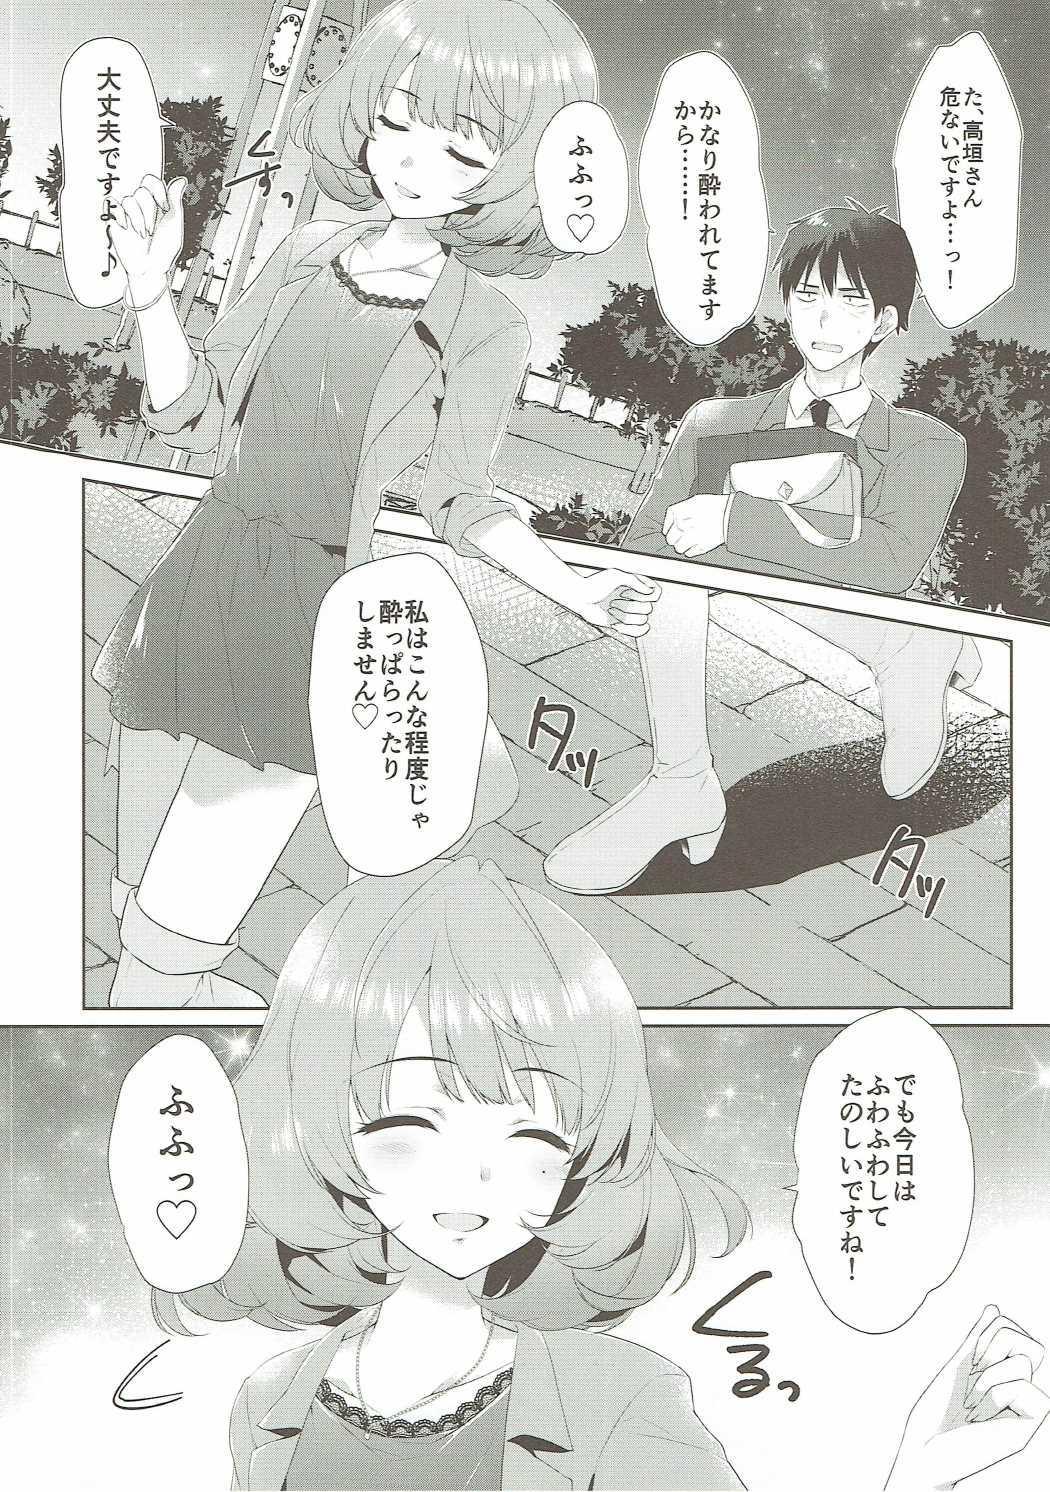 Koi no Kaze ni Sasowarete 6